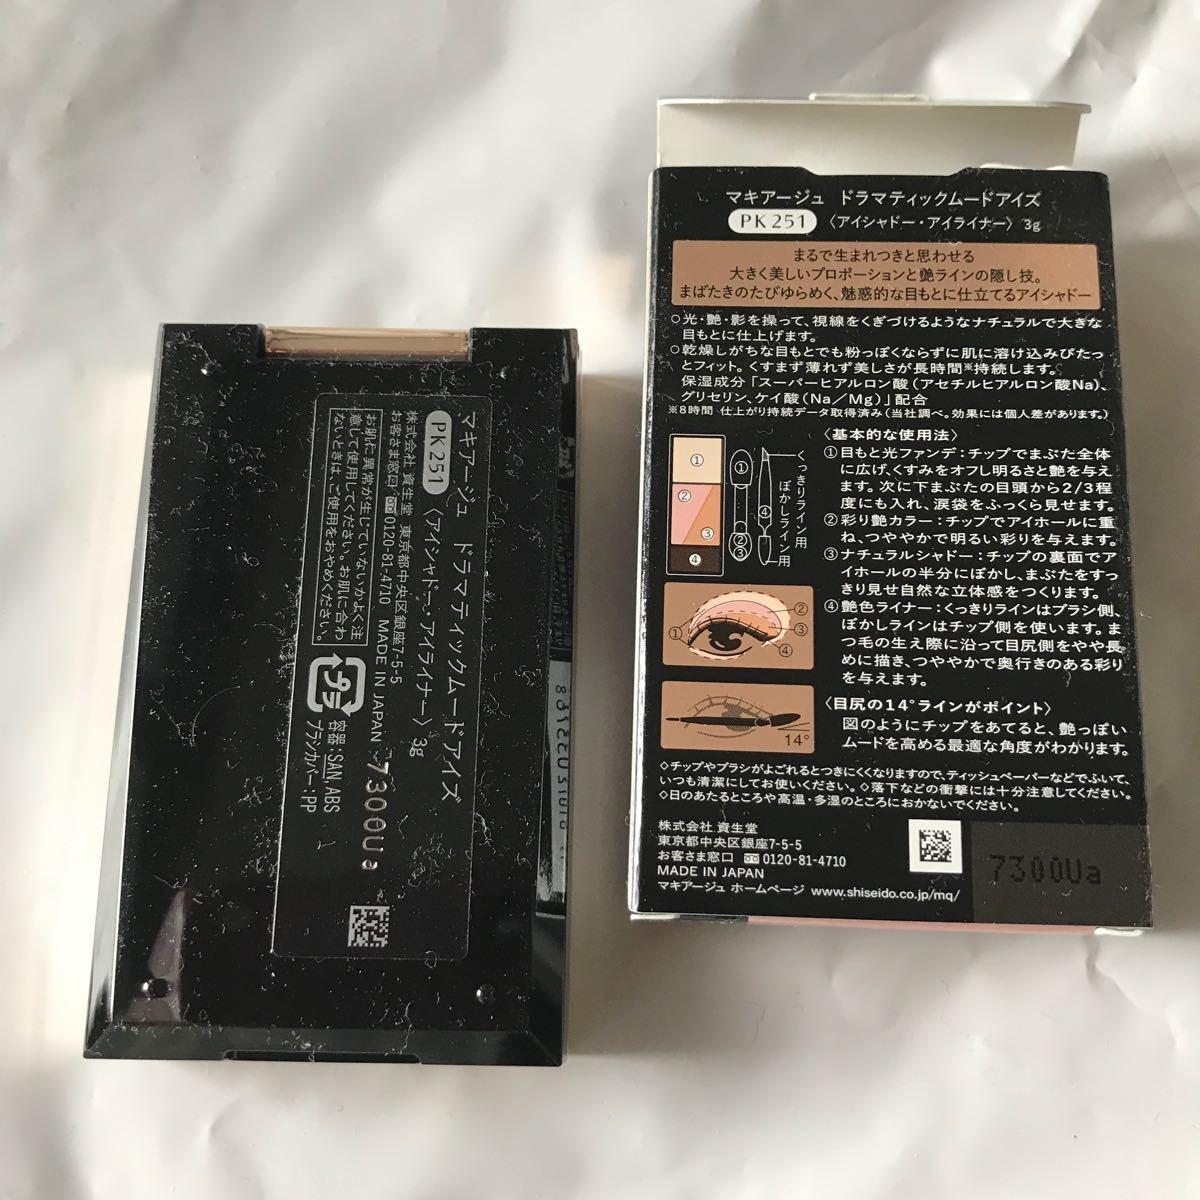 マキアージュ ドラマティックムードアイズ PK251 スイートタブー 3g